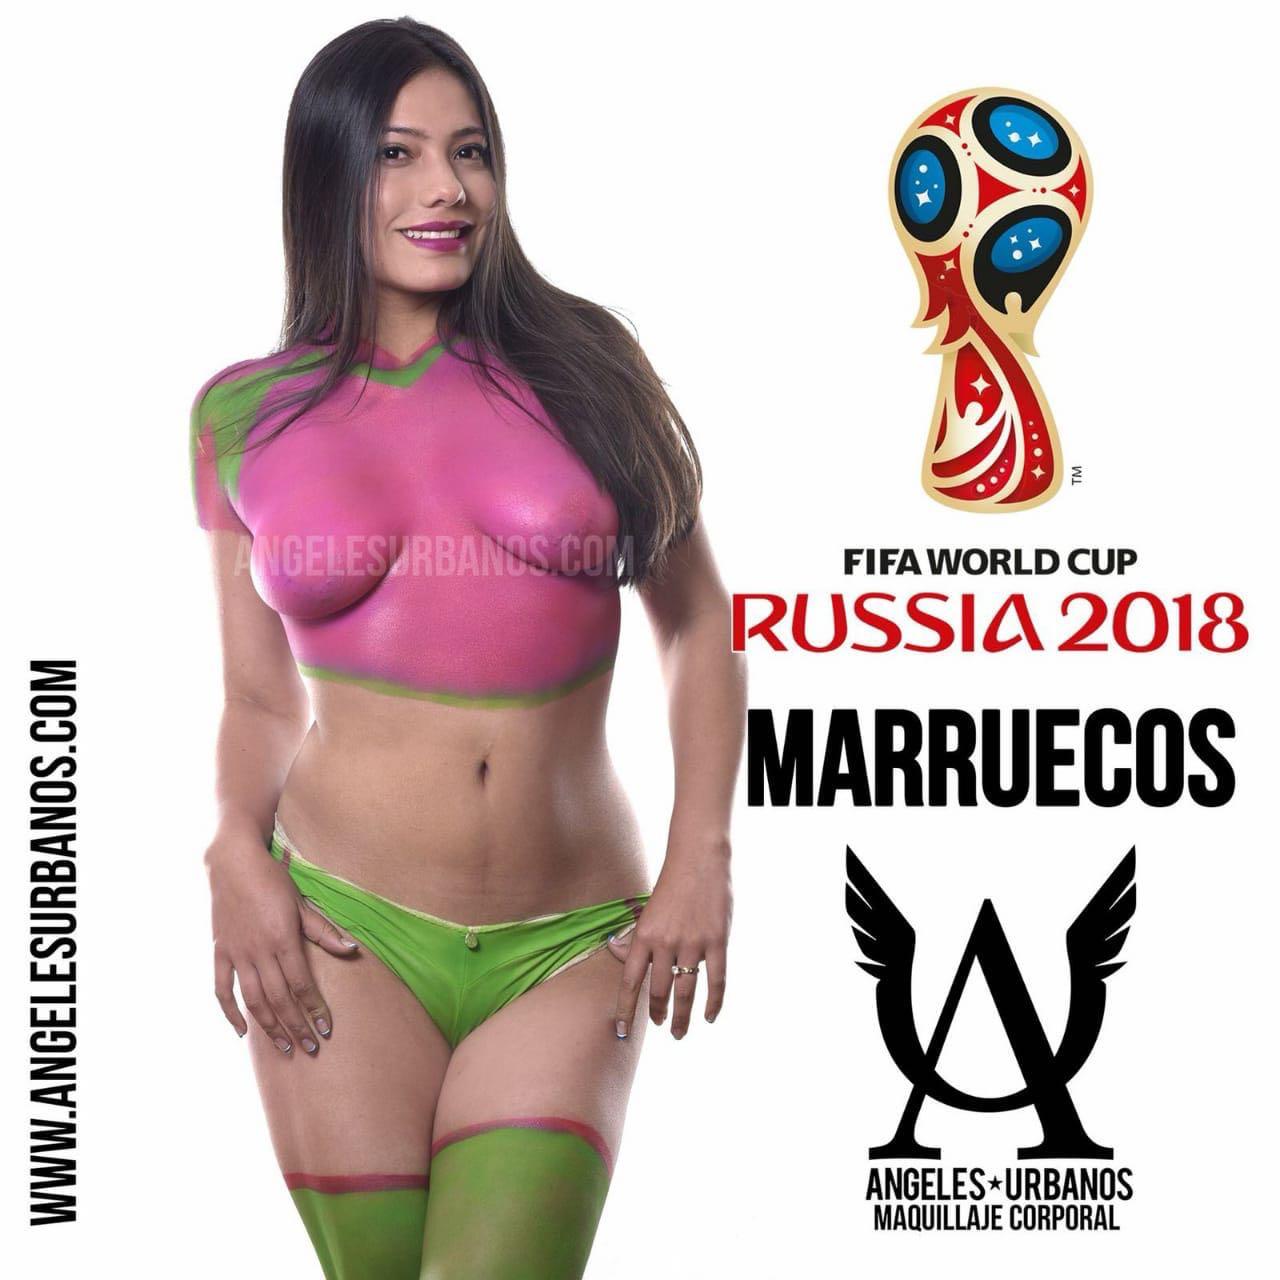 Colegialass chilenas famosas mexicanas desnudas en playboy 64